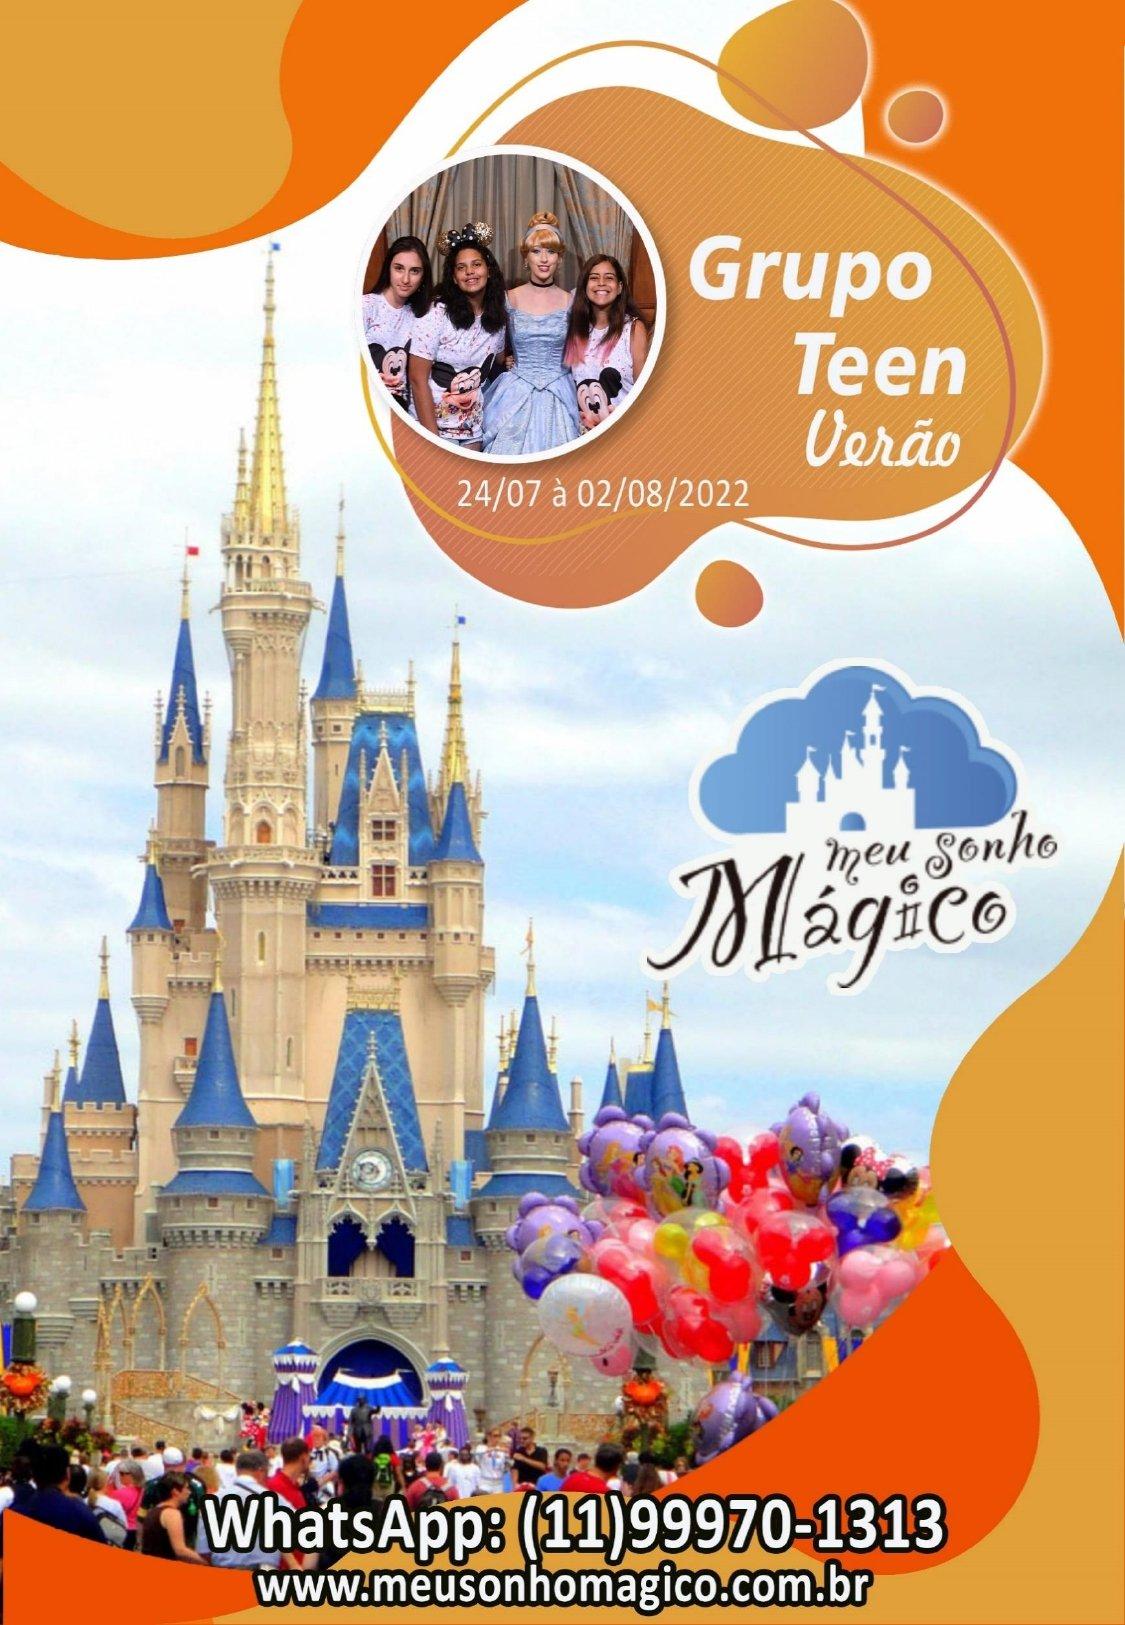 Grupo Teen Verão - Disney Julho 2022 1